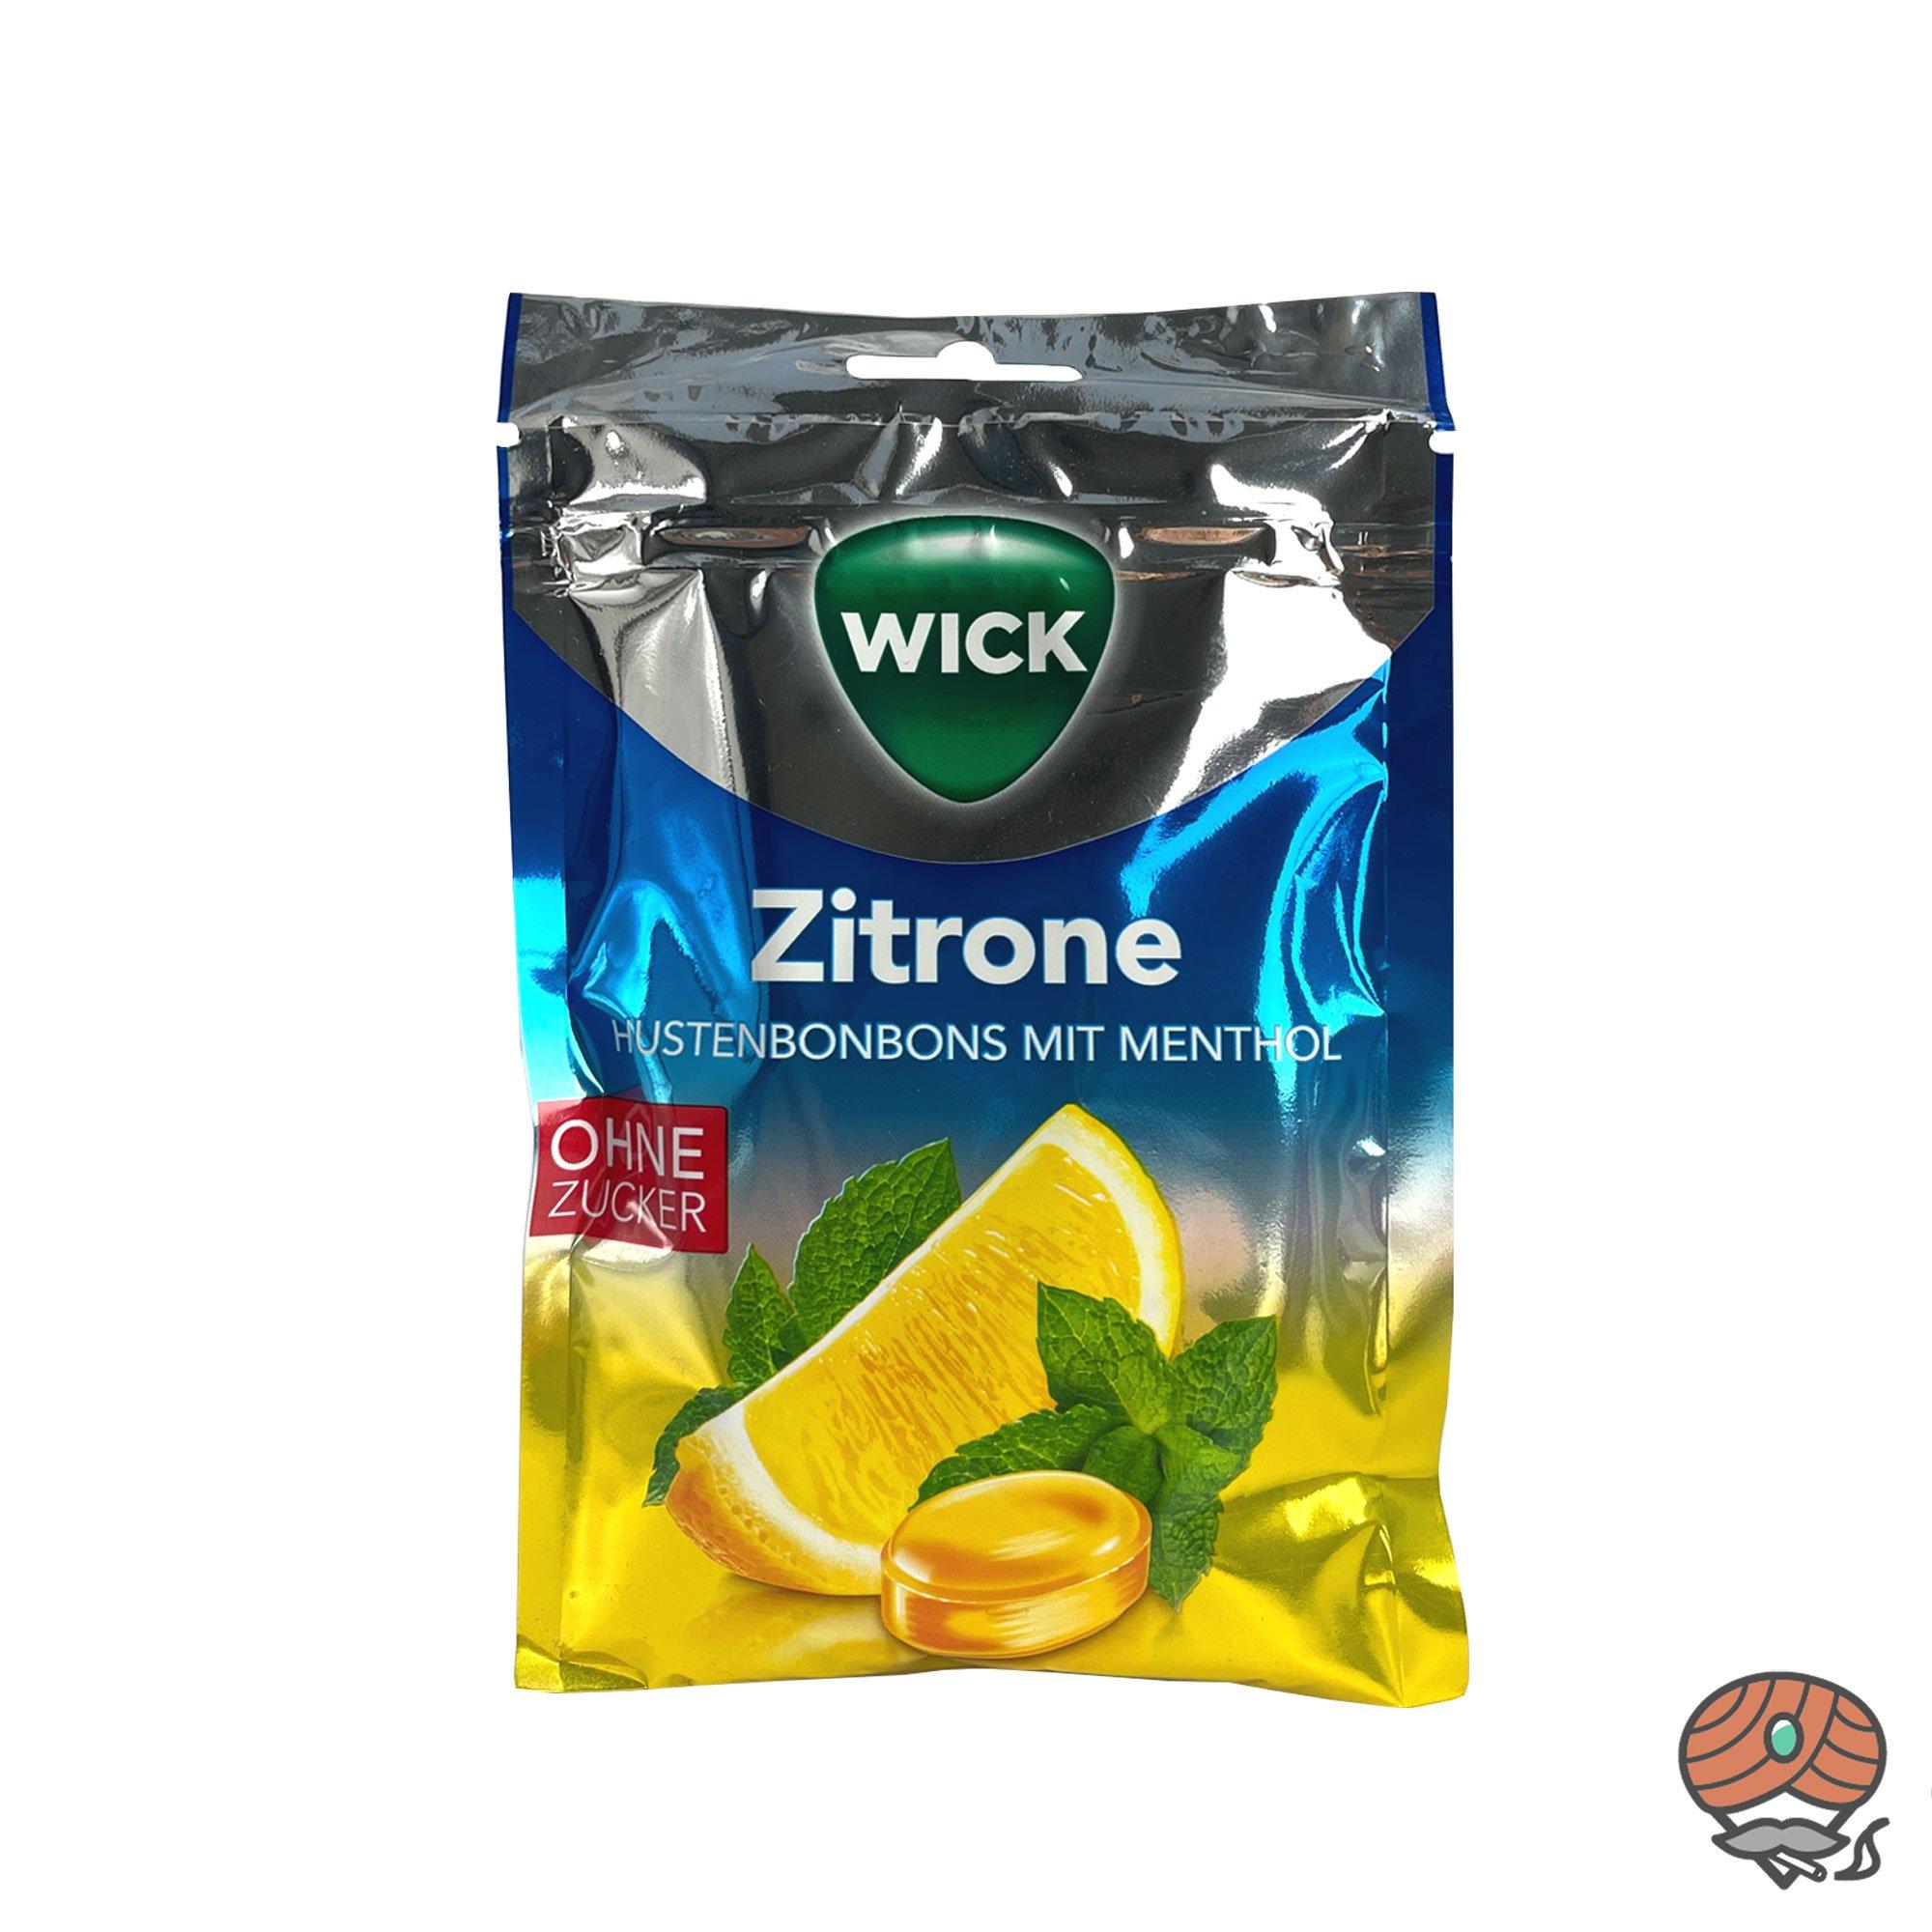 Wick Hustenbobons Zitrone und Menthol ohne Zucker 72g